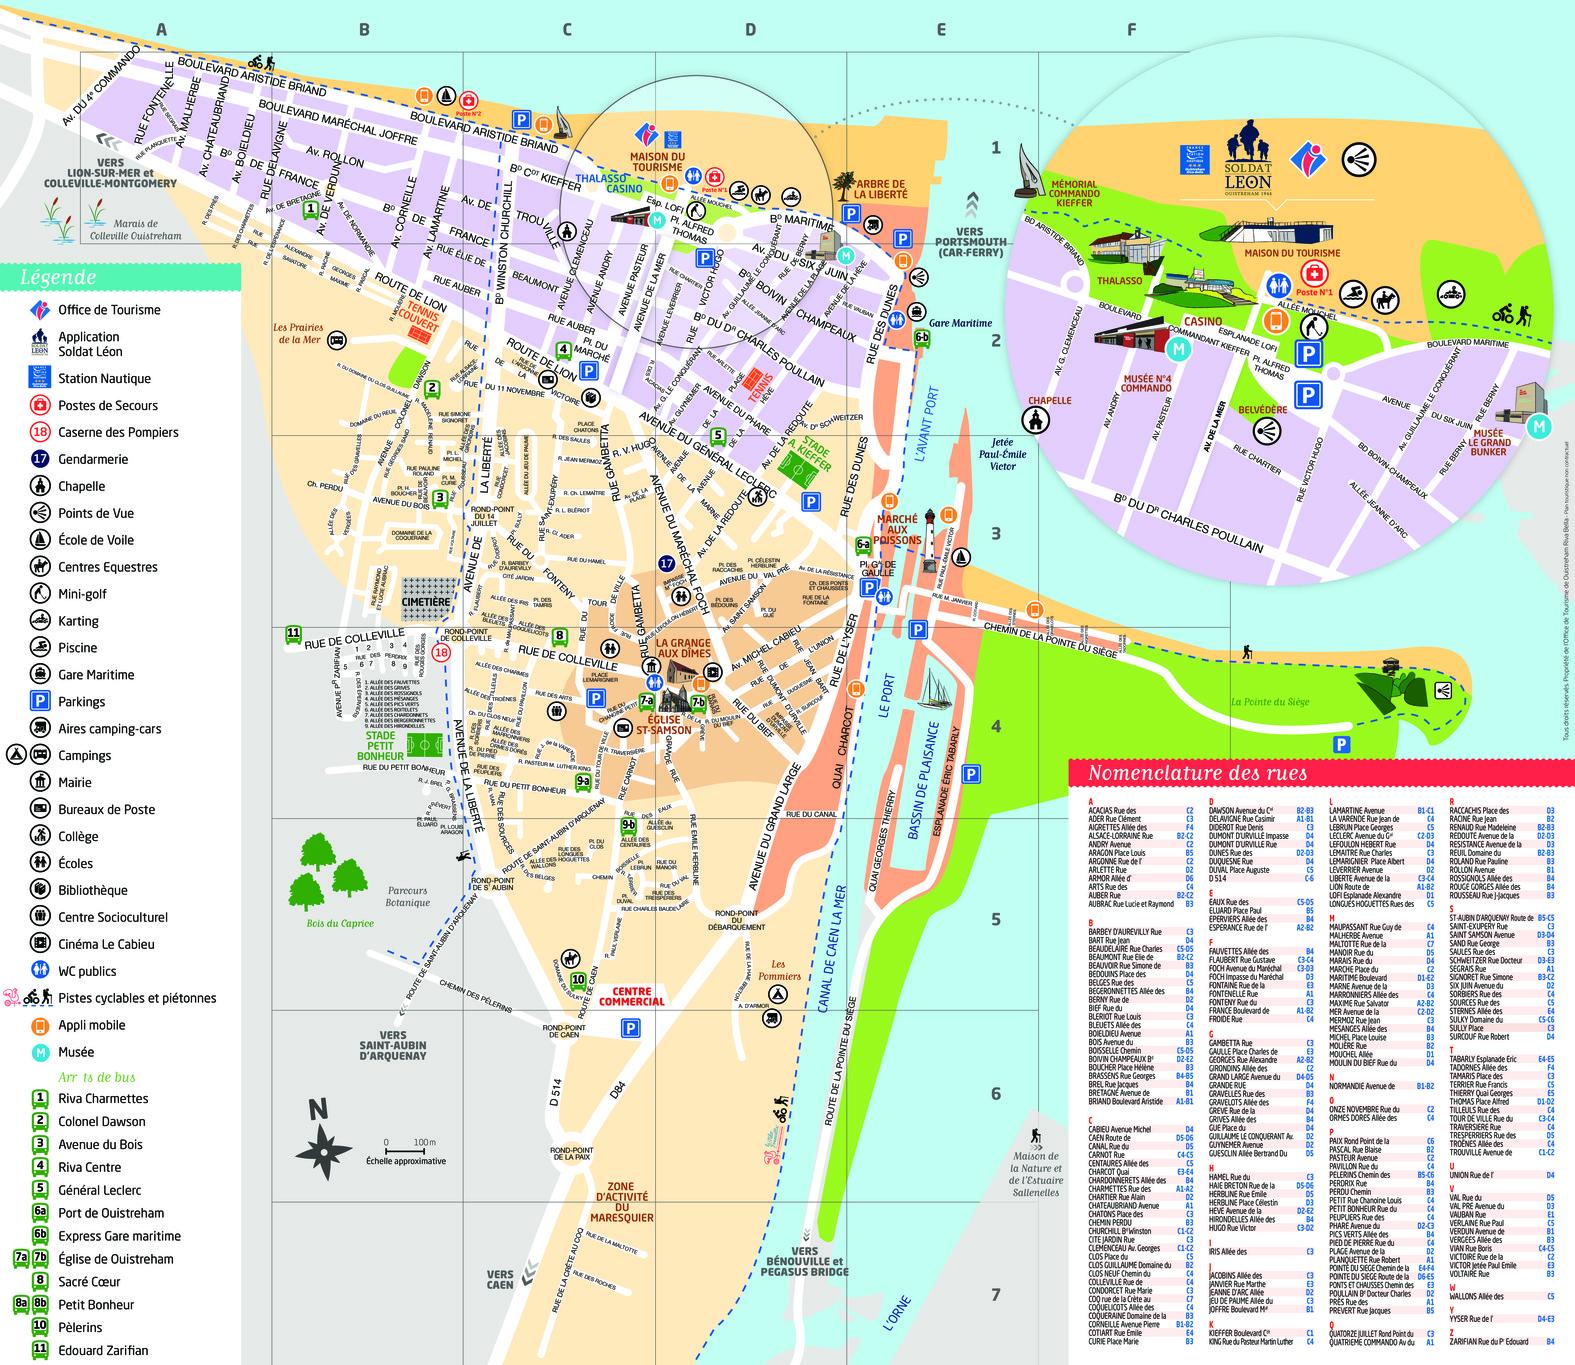 Plan de Ouistreham Riva-Bella - édition 2016